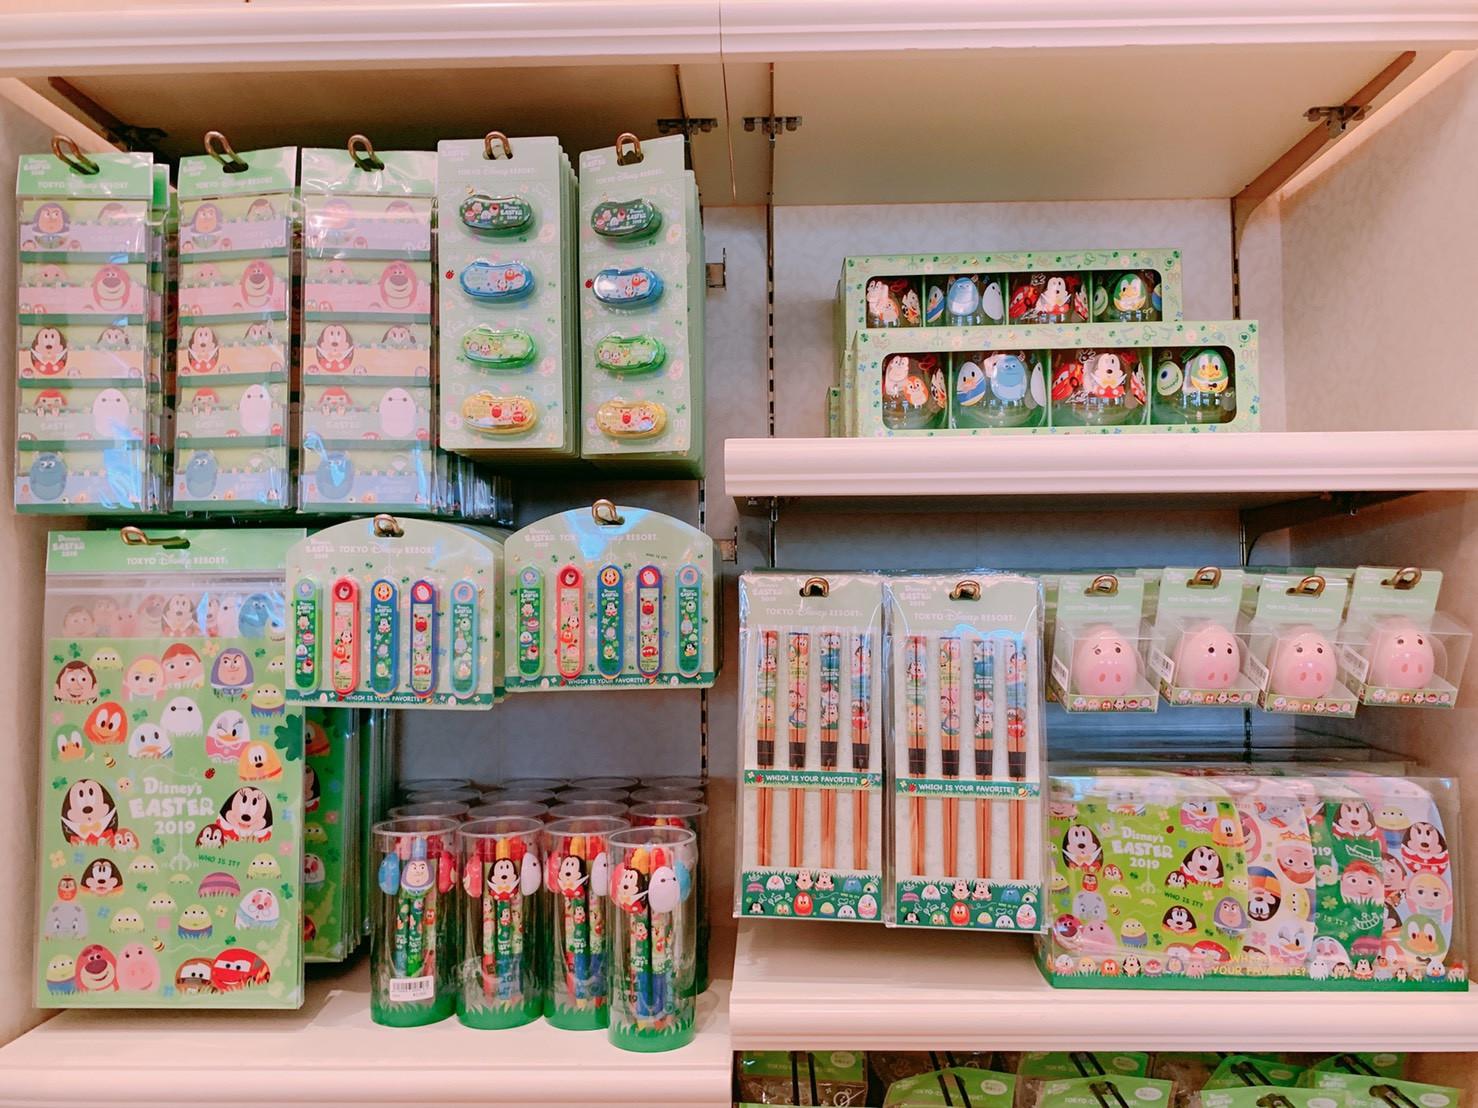 【4/1発売】ディズニーイースター2019グッズ31選!うさみみカチューシャ&イースターエッグモチーフのお土産!